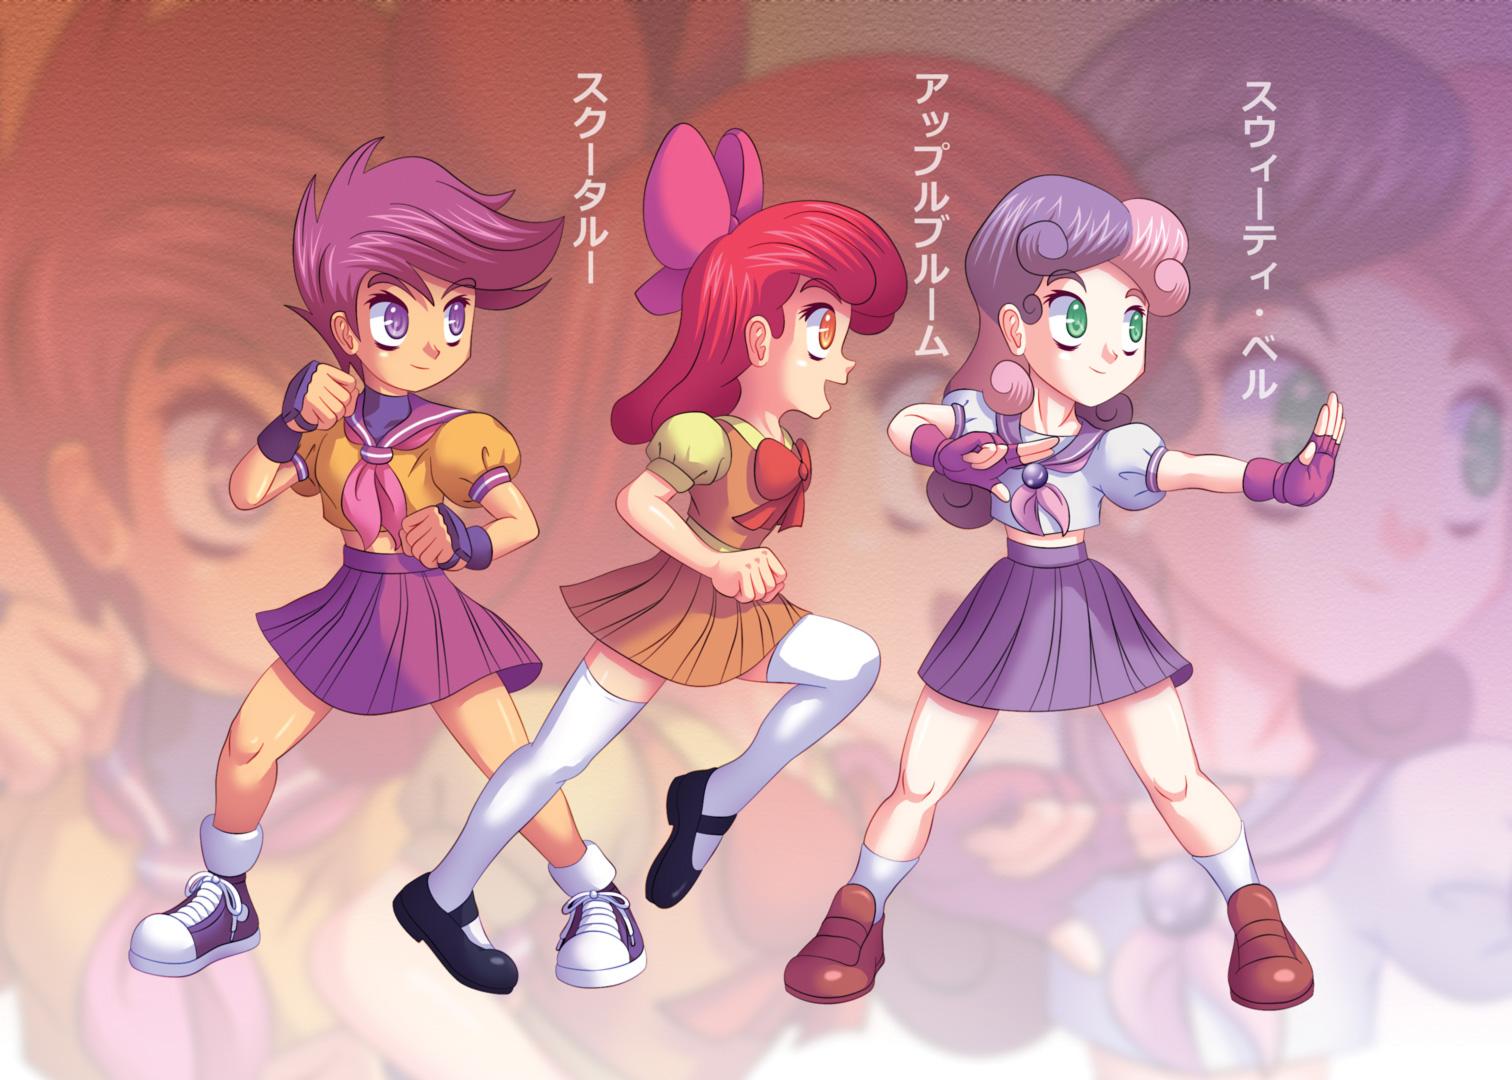 Cutie Mark Crusaders, Fighting Schoolgirls YAY! by Agu-Fungus